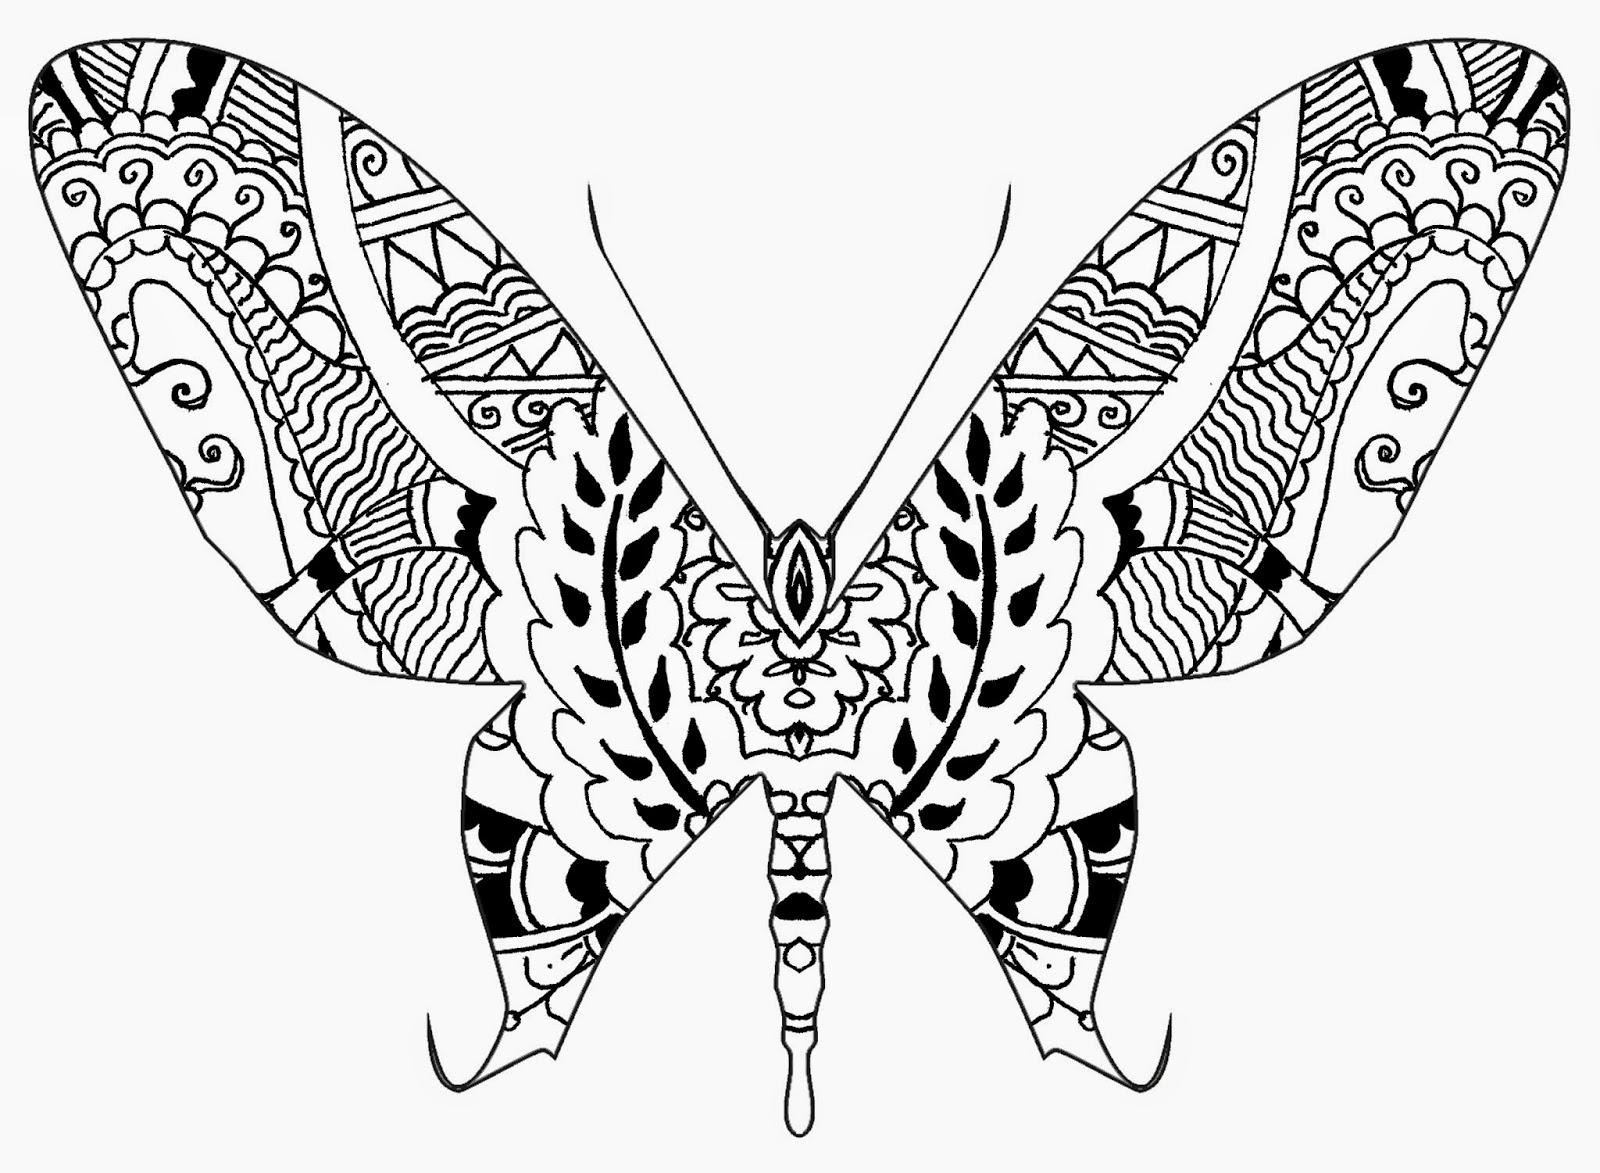 Brendan Burns Art: Henna and Zentangle Inspired Butterflies 8